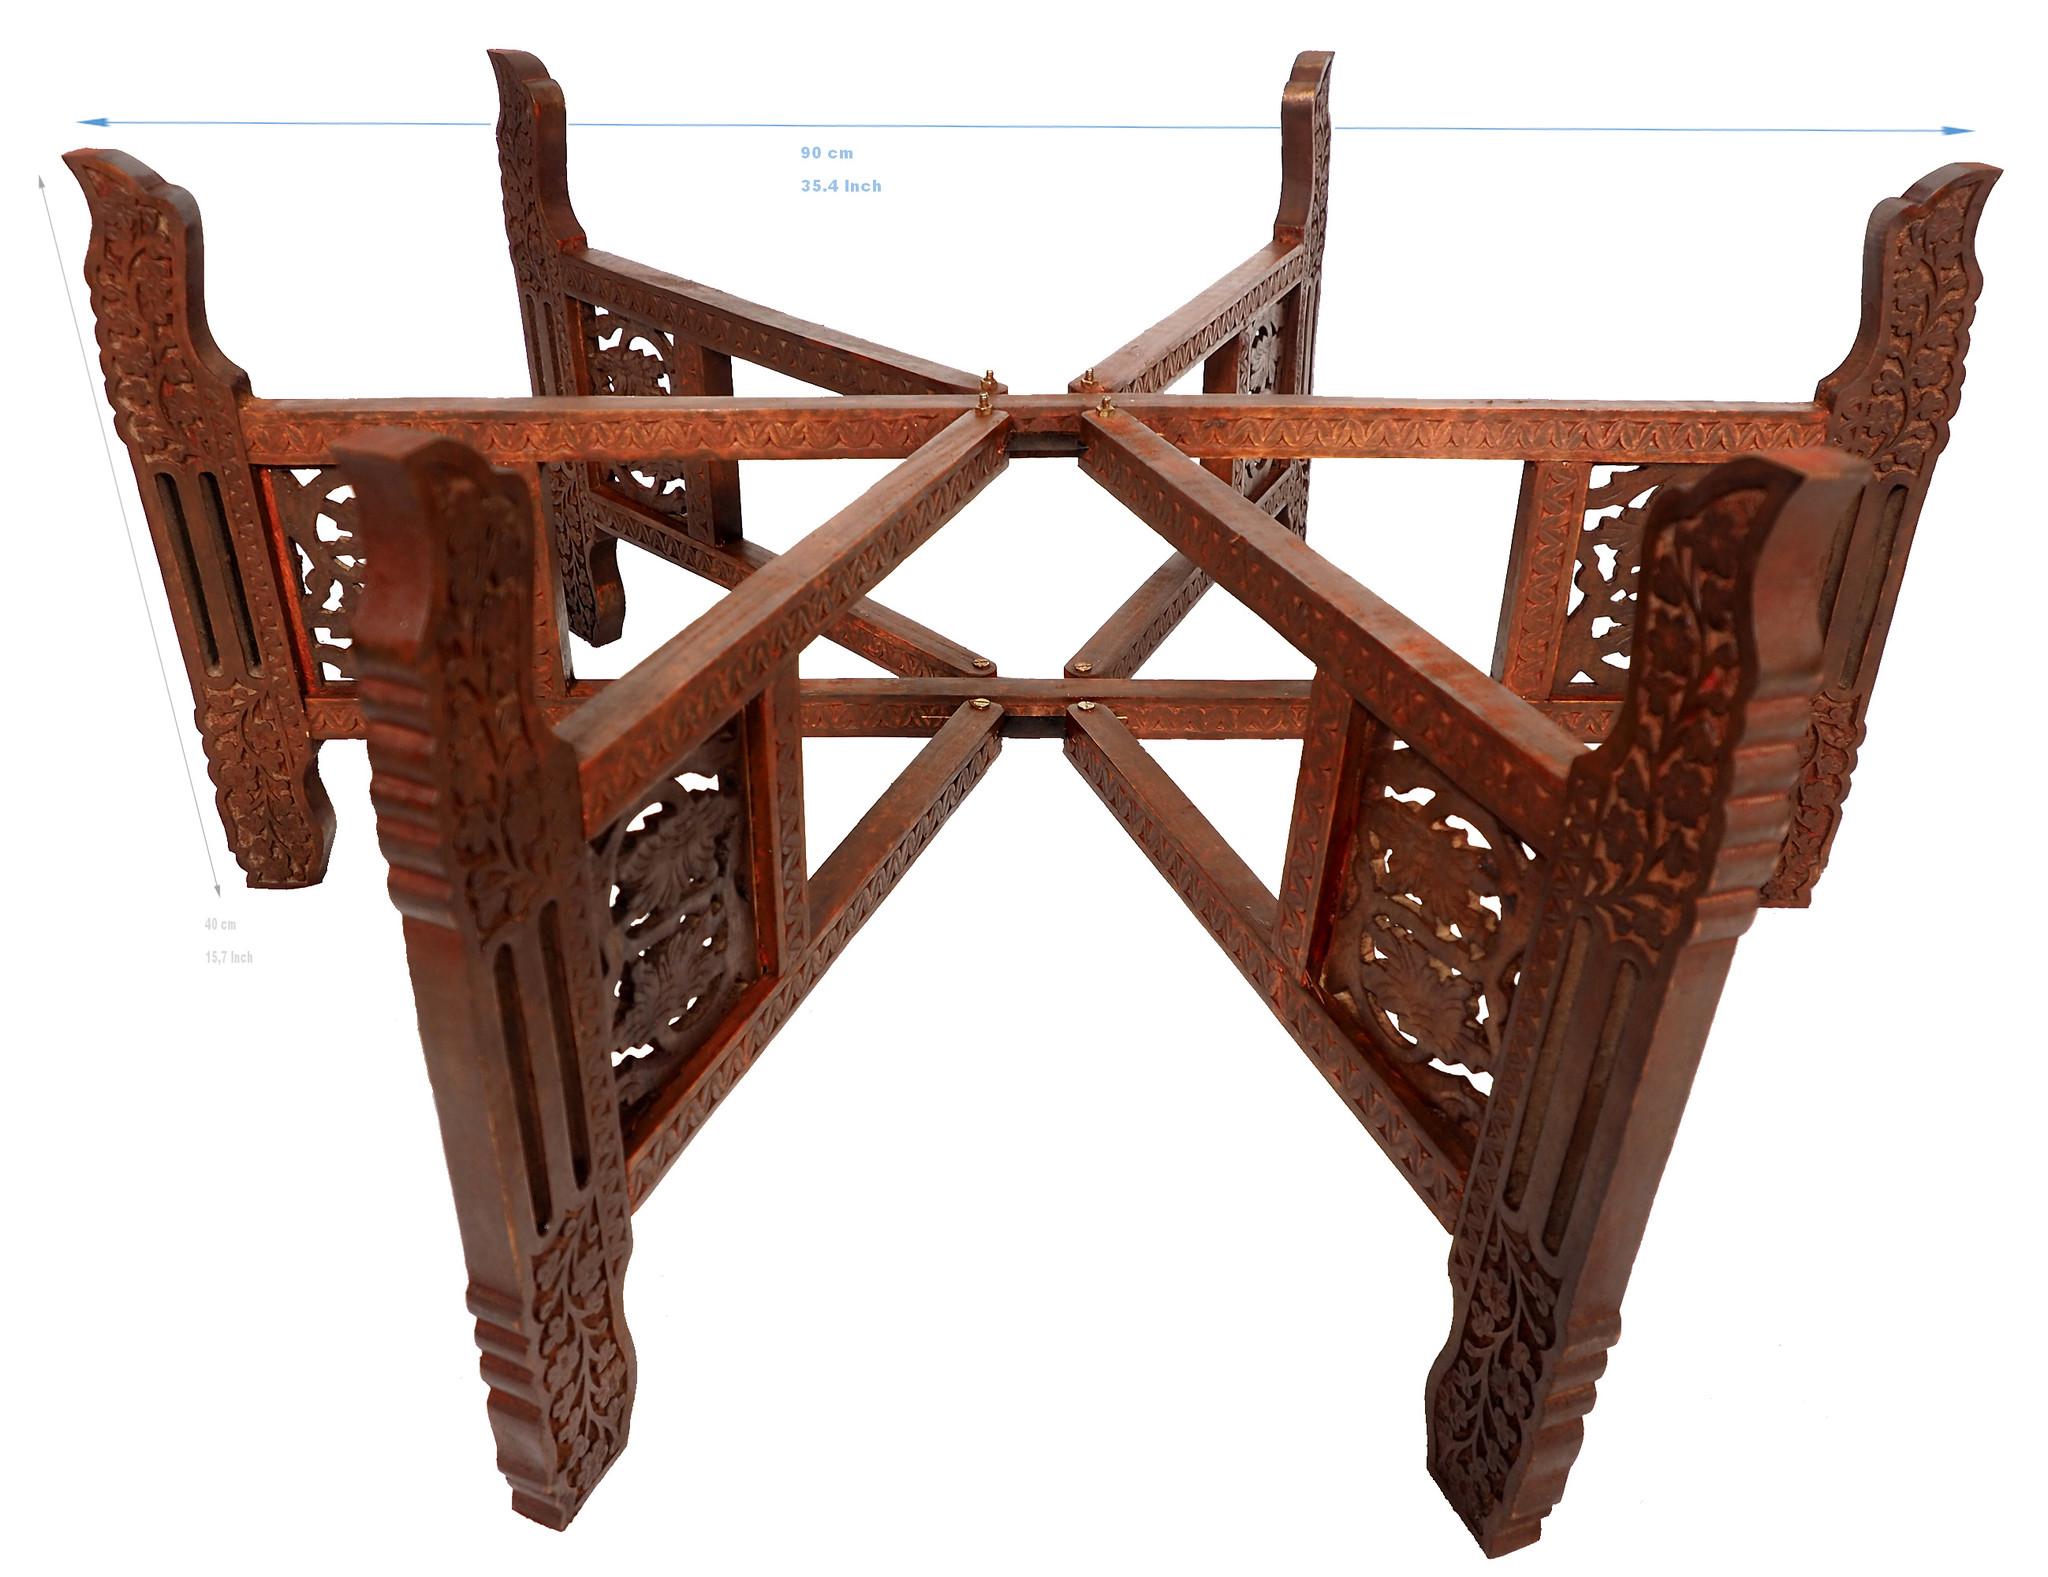 Tischgestell Teetisch zusammenklappbare tisch stand tablett gestell Holzgestell in 6 Größen Auswählbar 40 cm 50 cm 60 cm 70 cm 80 cm 90 cm